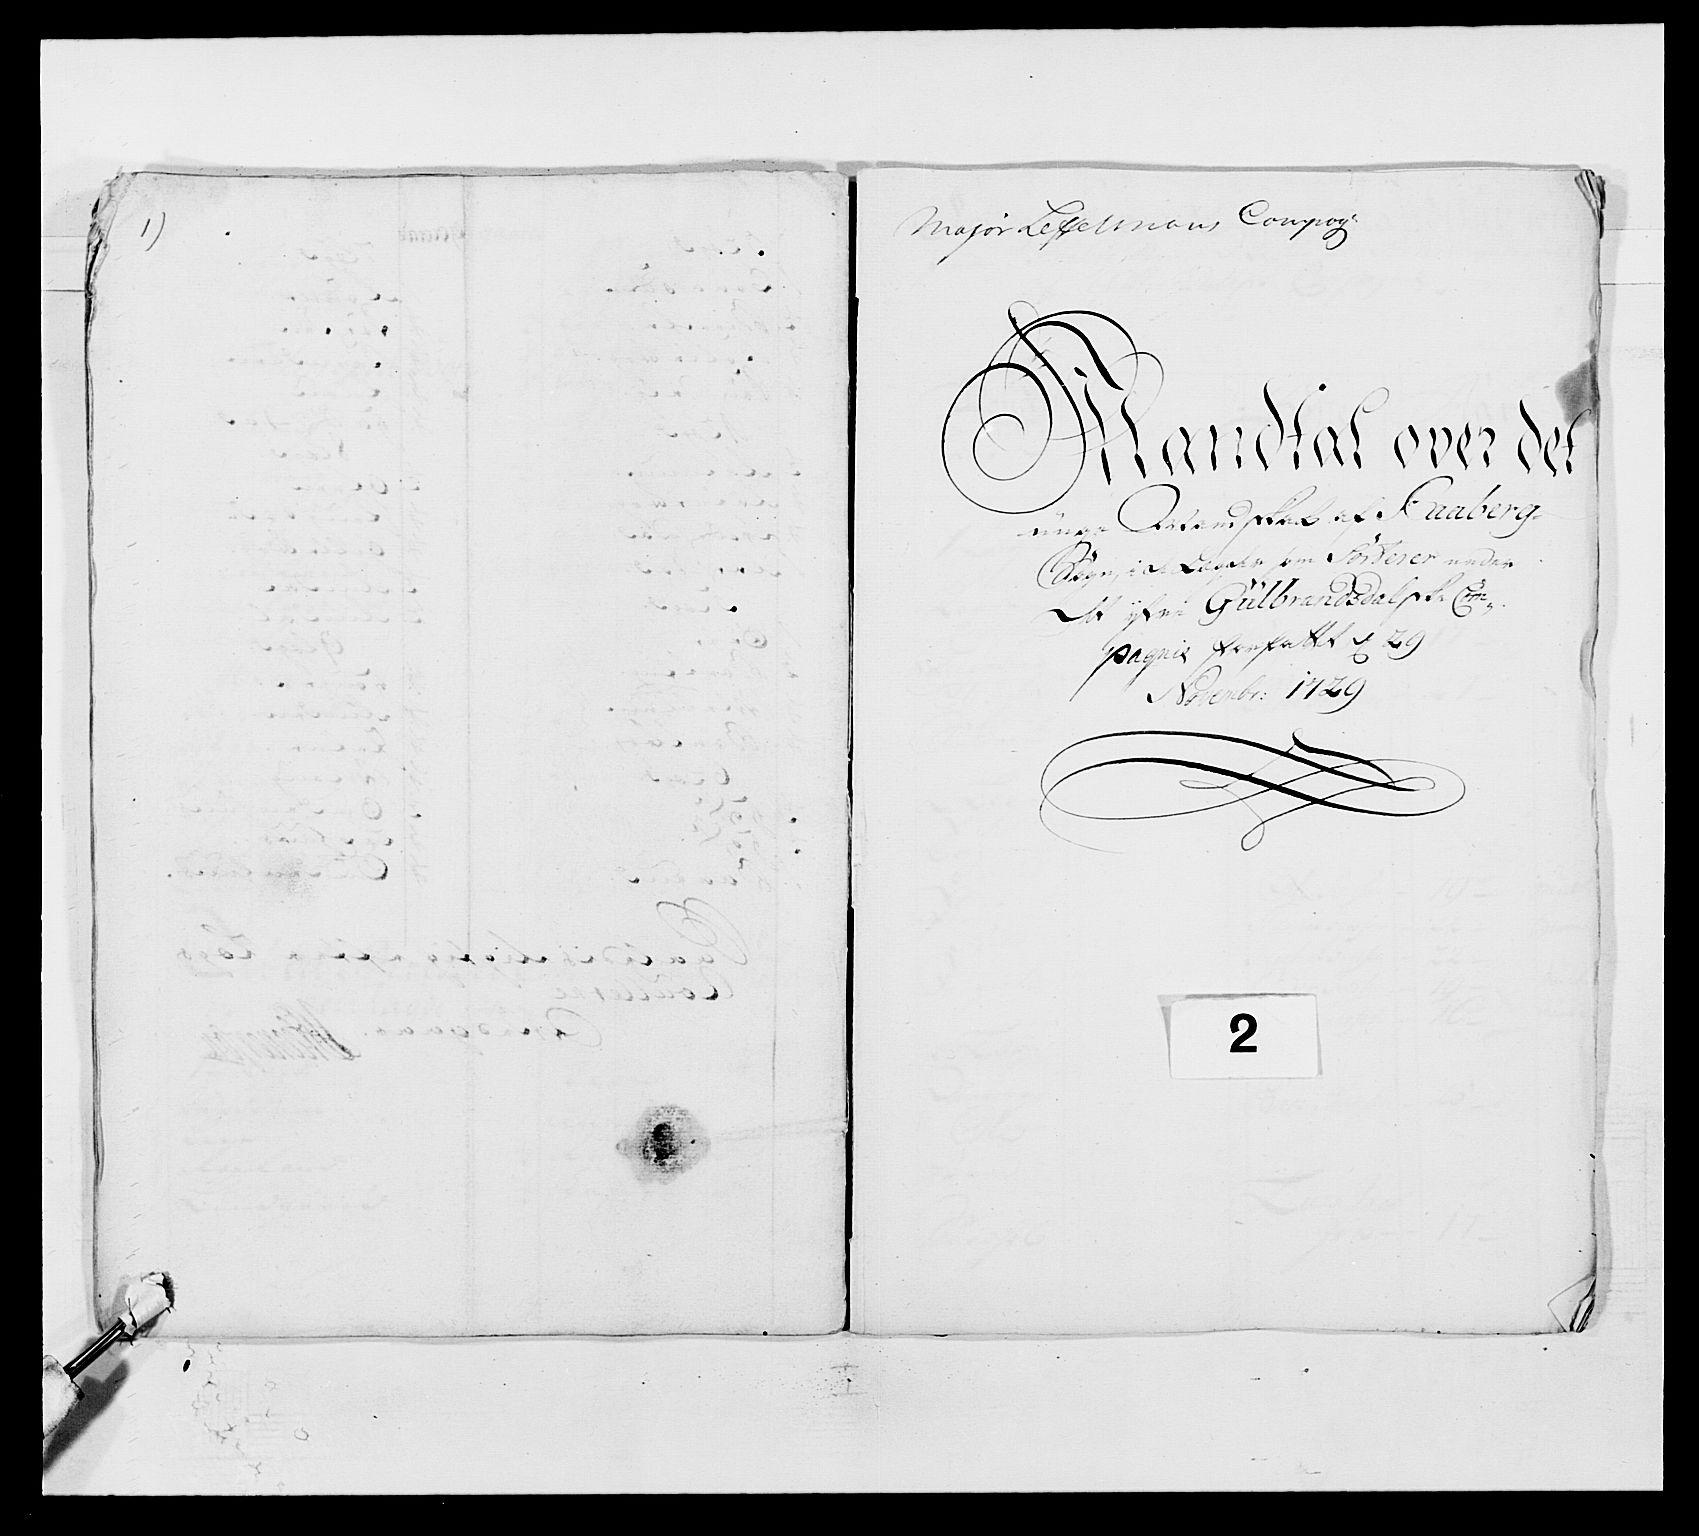 RA, Kommanderende general (KG I) med Det norske krigsdirektorium, E/Ea/L0502: 1. Opplandske regiment, 1720-1743, s. 23